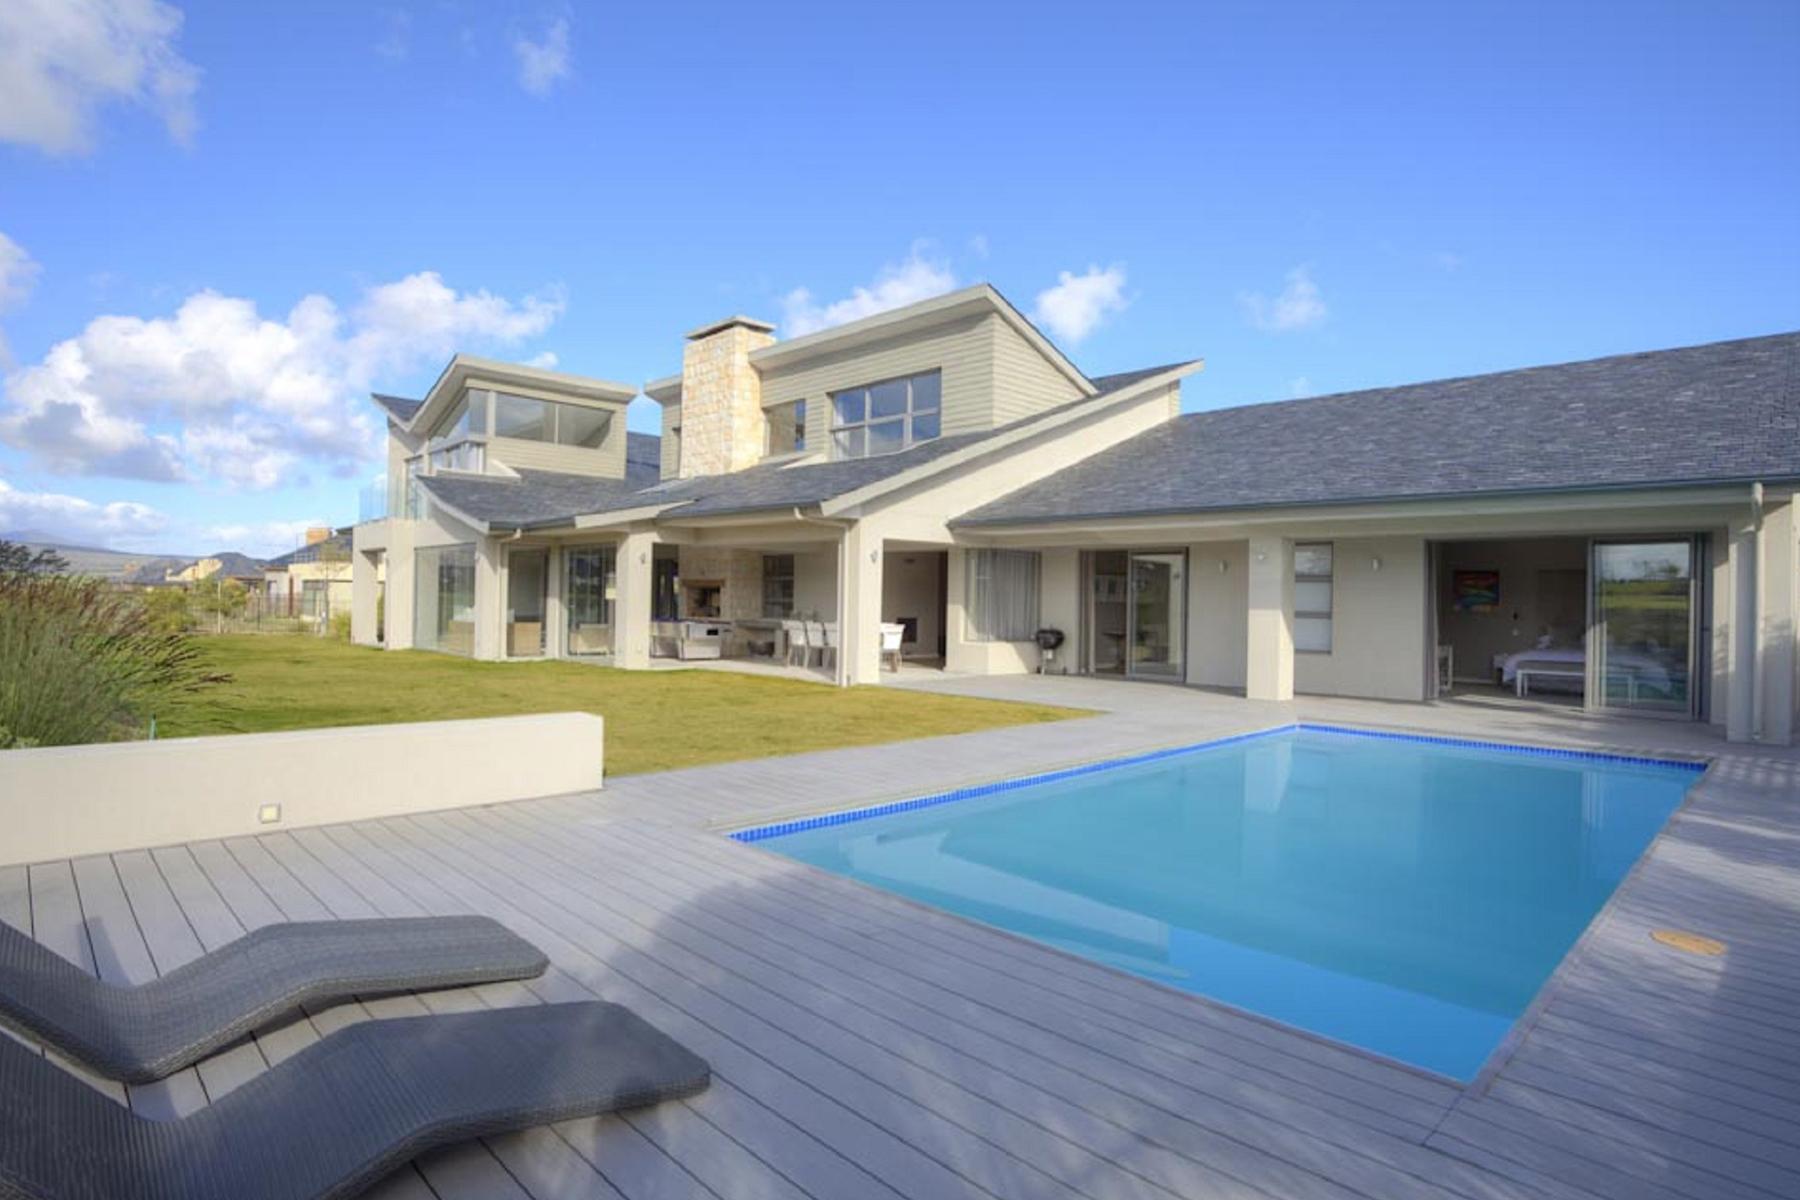 一戸建て のために 売買 アット ARABELLA GOLF ESTATE, HERMANUS Other Western Cape, 西ケープ 7200 南アフリカ